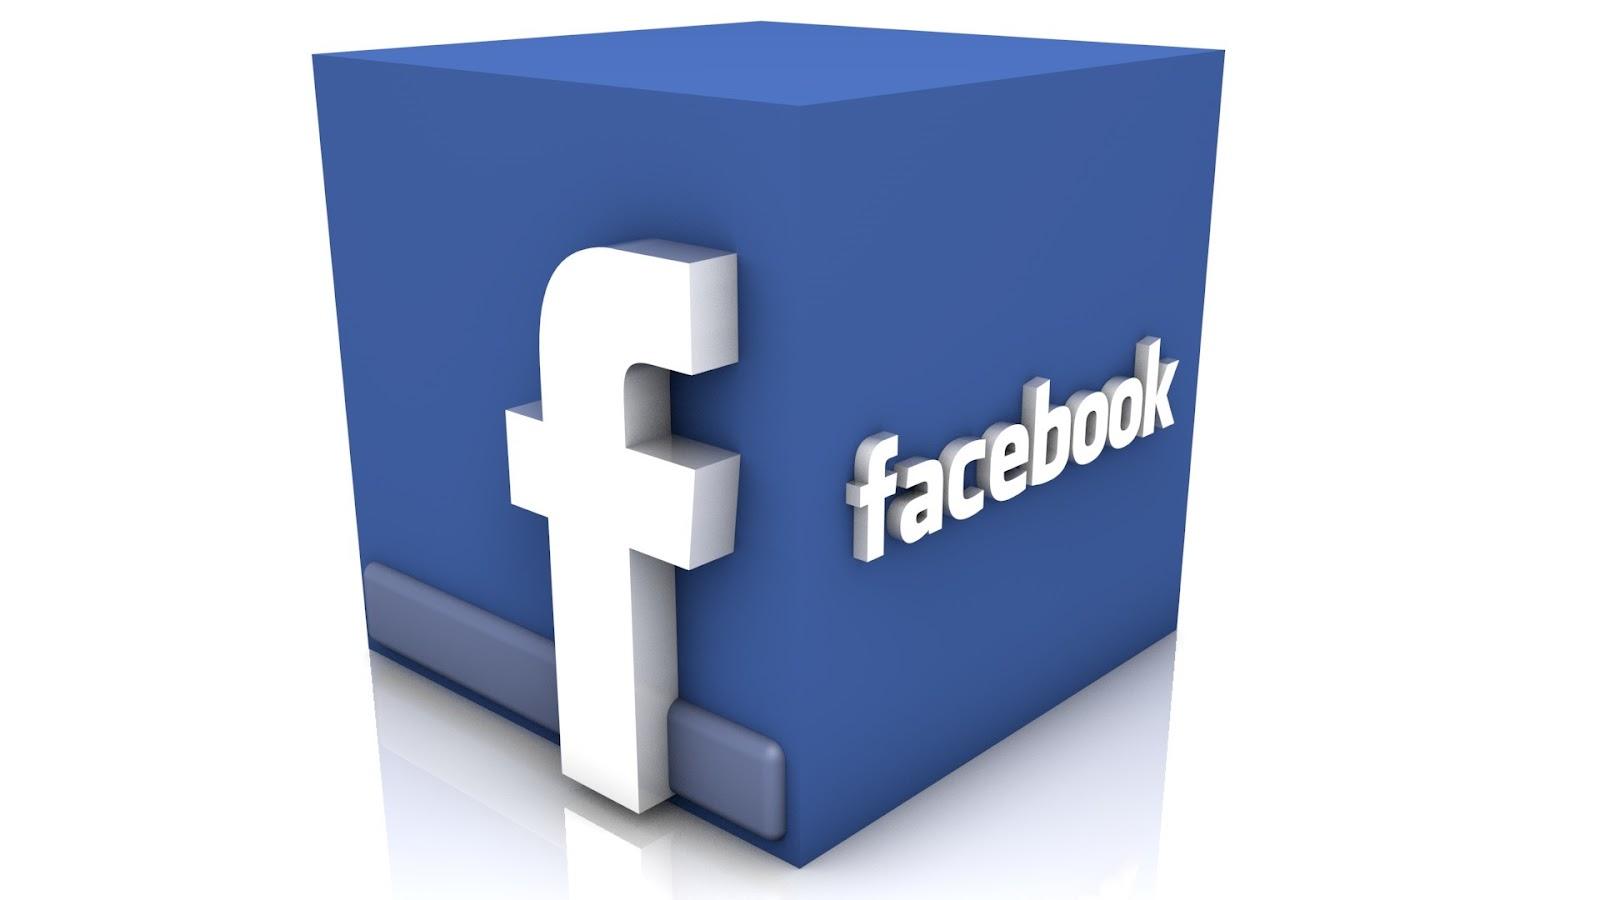 Facebook-Inc